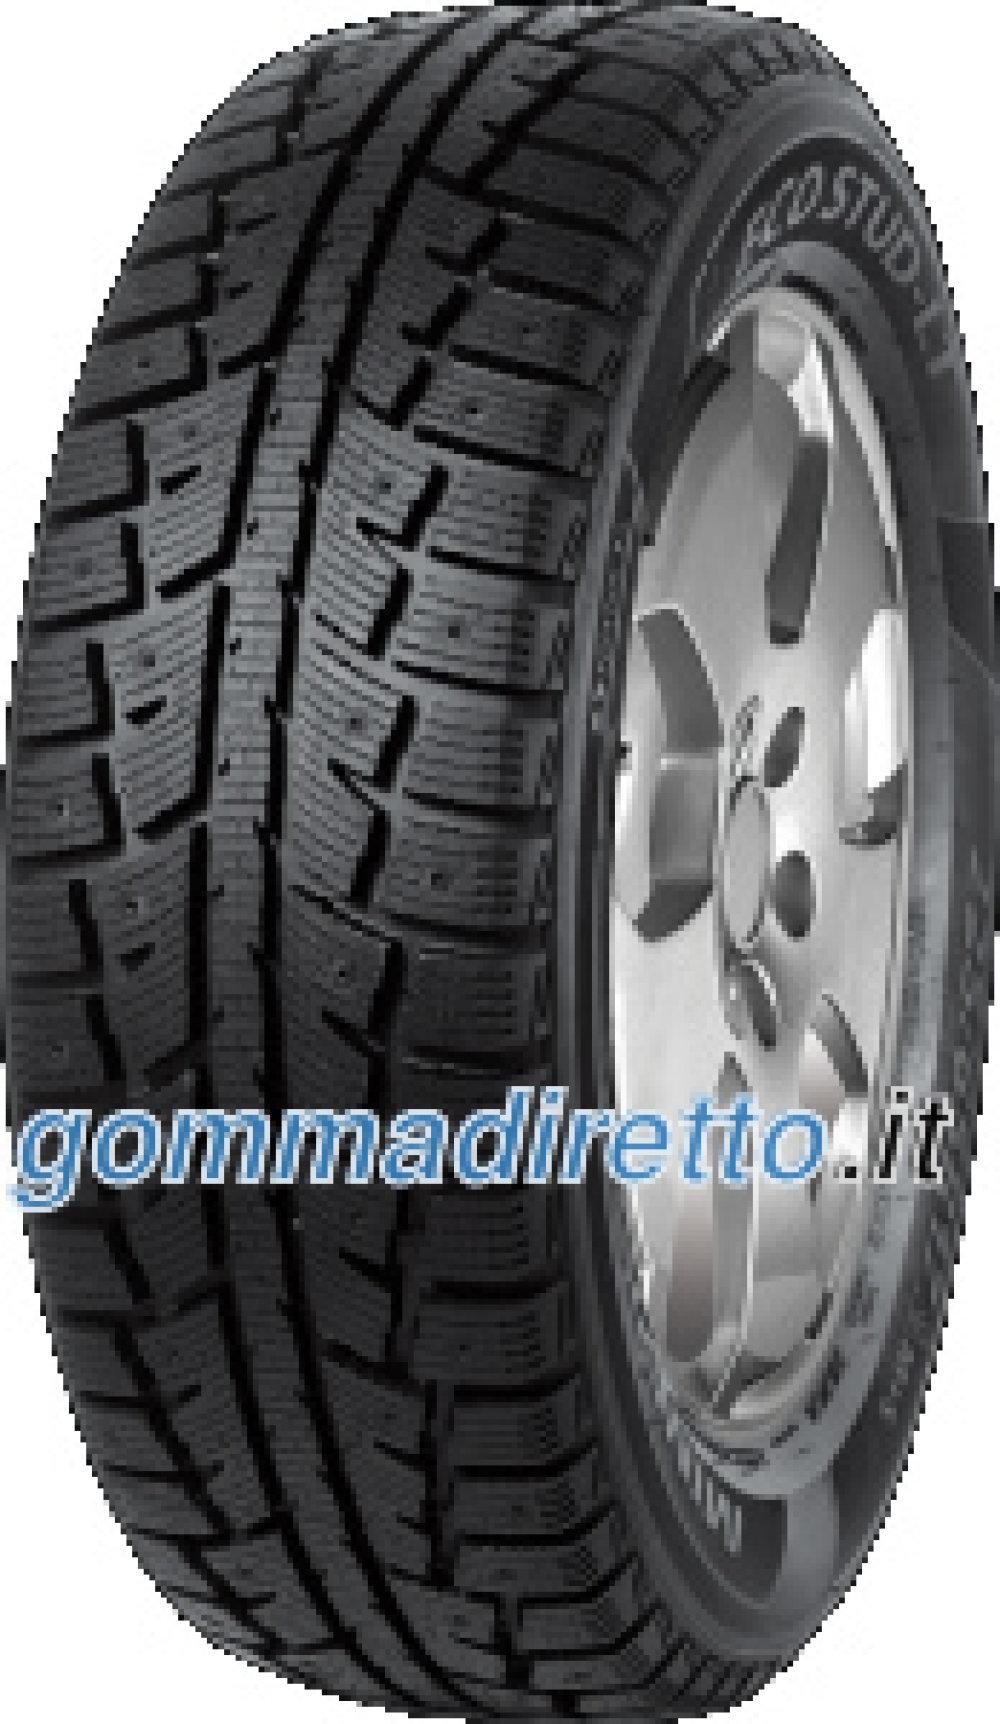 Image of Minerva Eco Stud SUV ( 255/55 R18 109H, pneumatico chiodato )